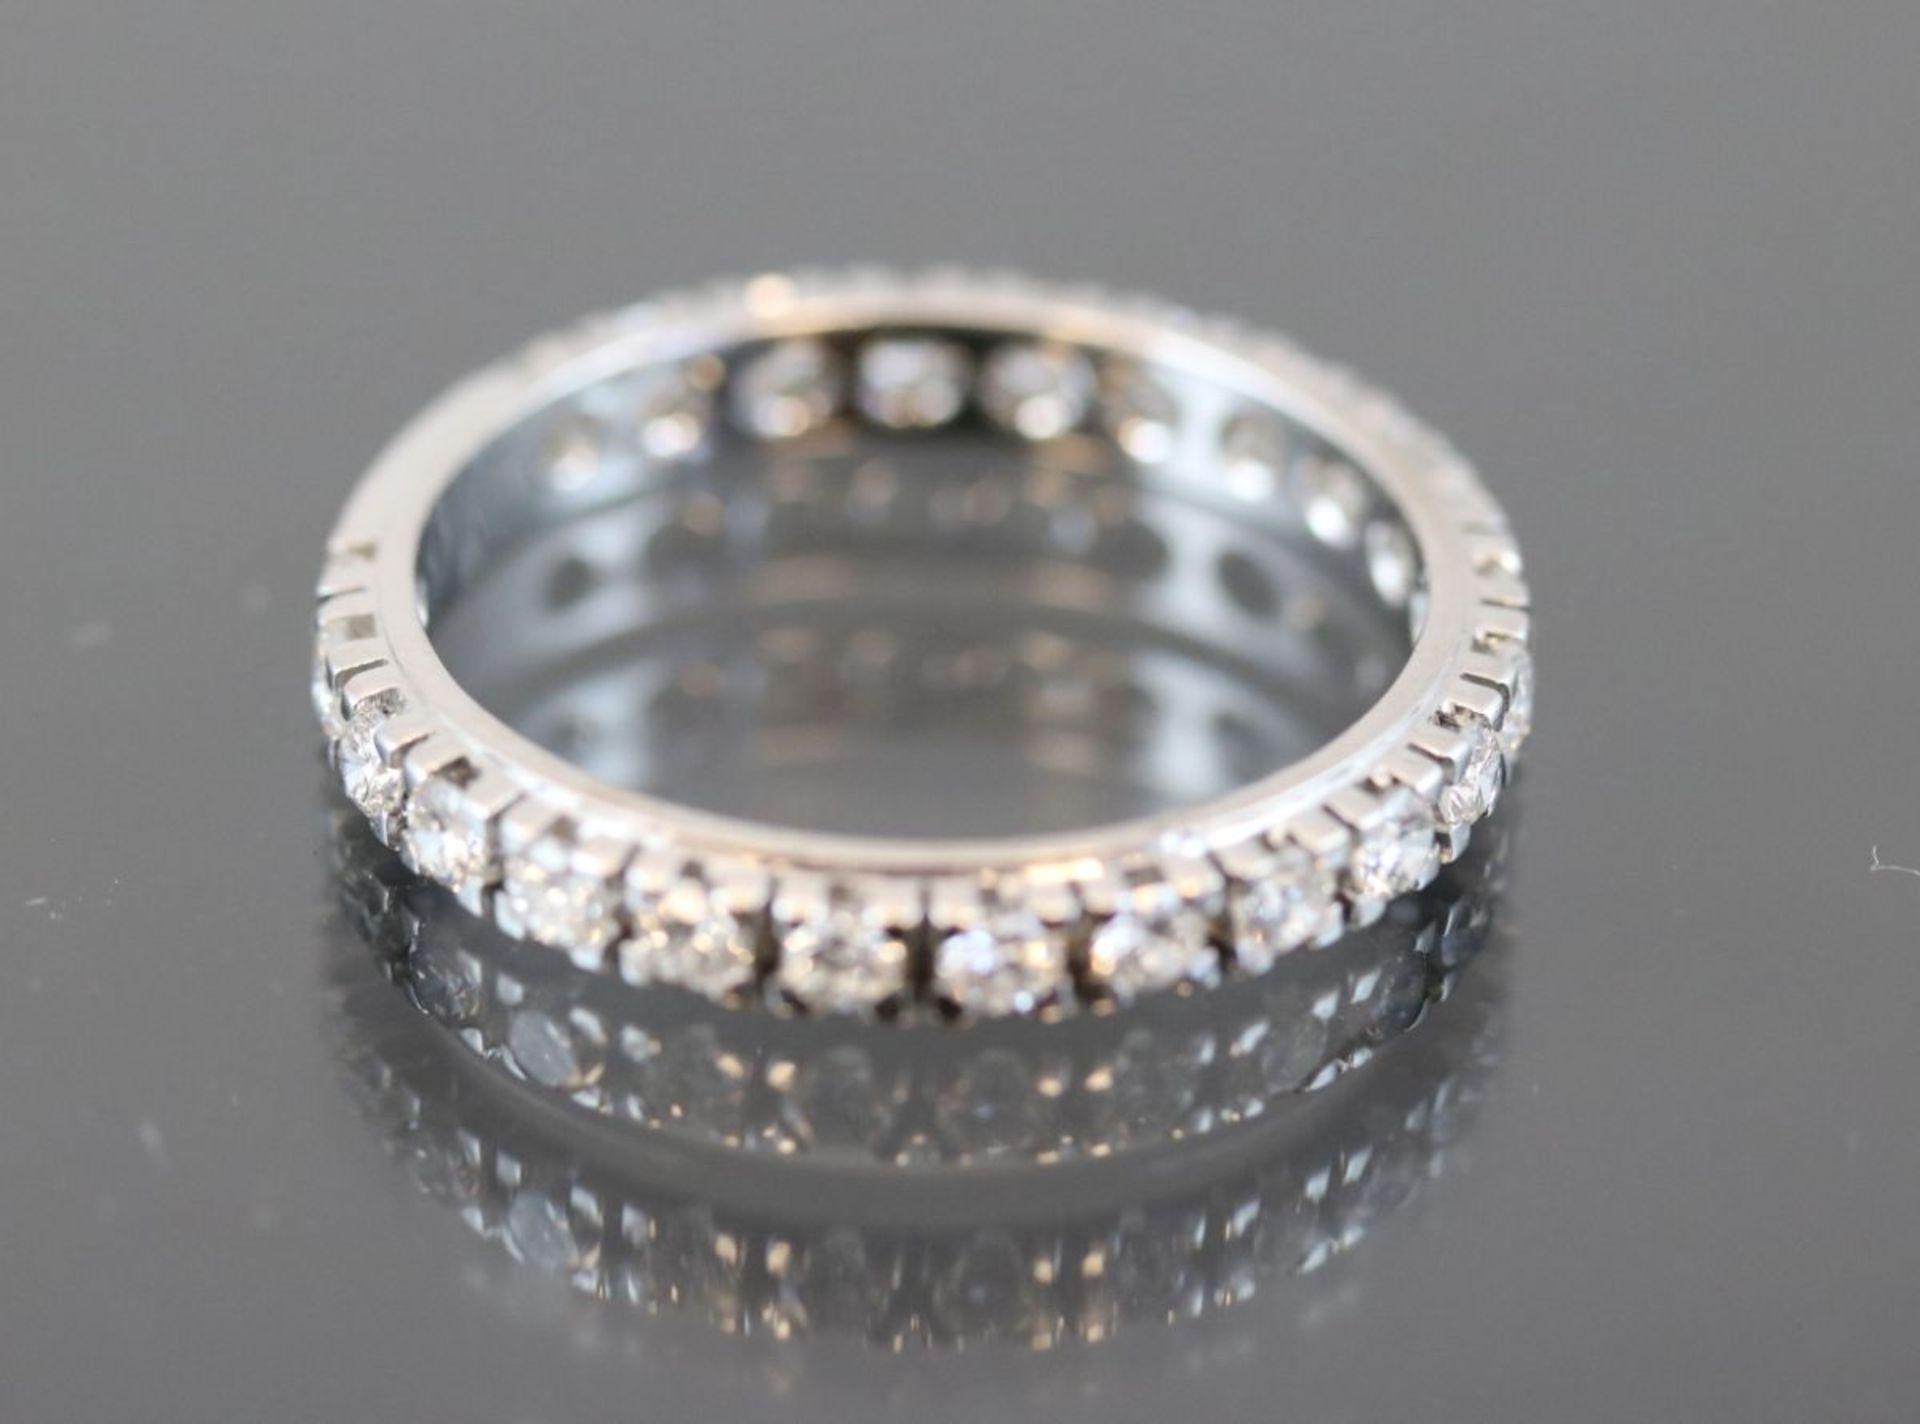 Brillant-Ring, 585 Weißgold3,2 Gramm 23 Brillanten, 1,1 ct., w/si. Ringgröße: 63Schätzpreis: 3300,-